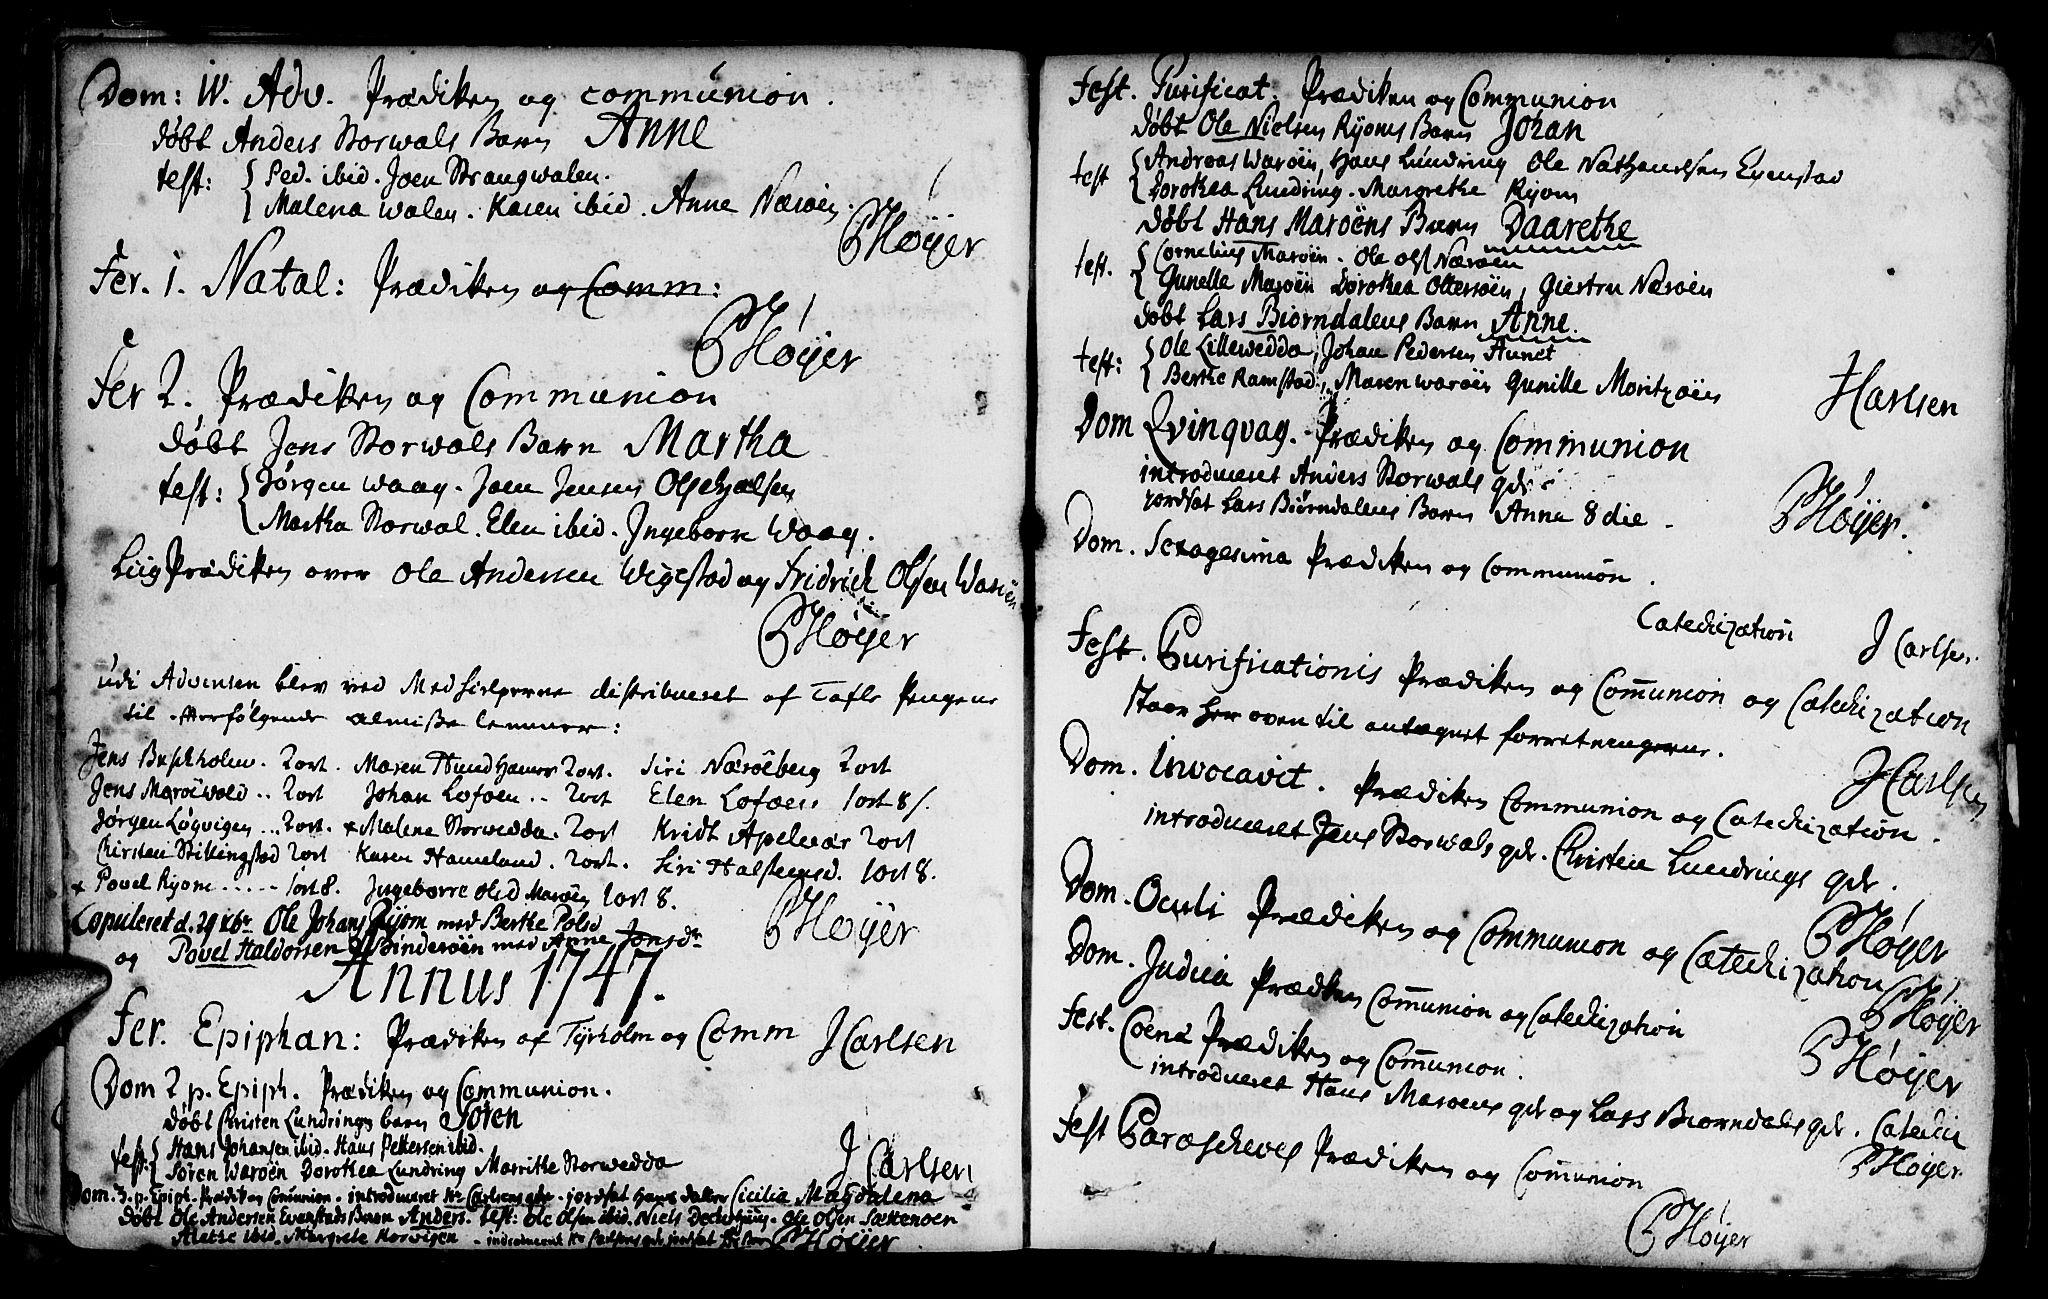 SAT, Ministerialprotokoller, klokkerbøker og fødselsregistre - Nord-Trøndelag, 784/L0665: Ministerialbok nr. 784A01, 1730-1785